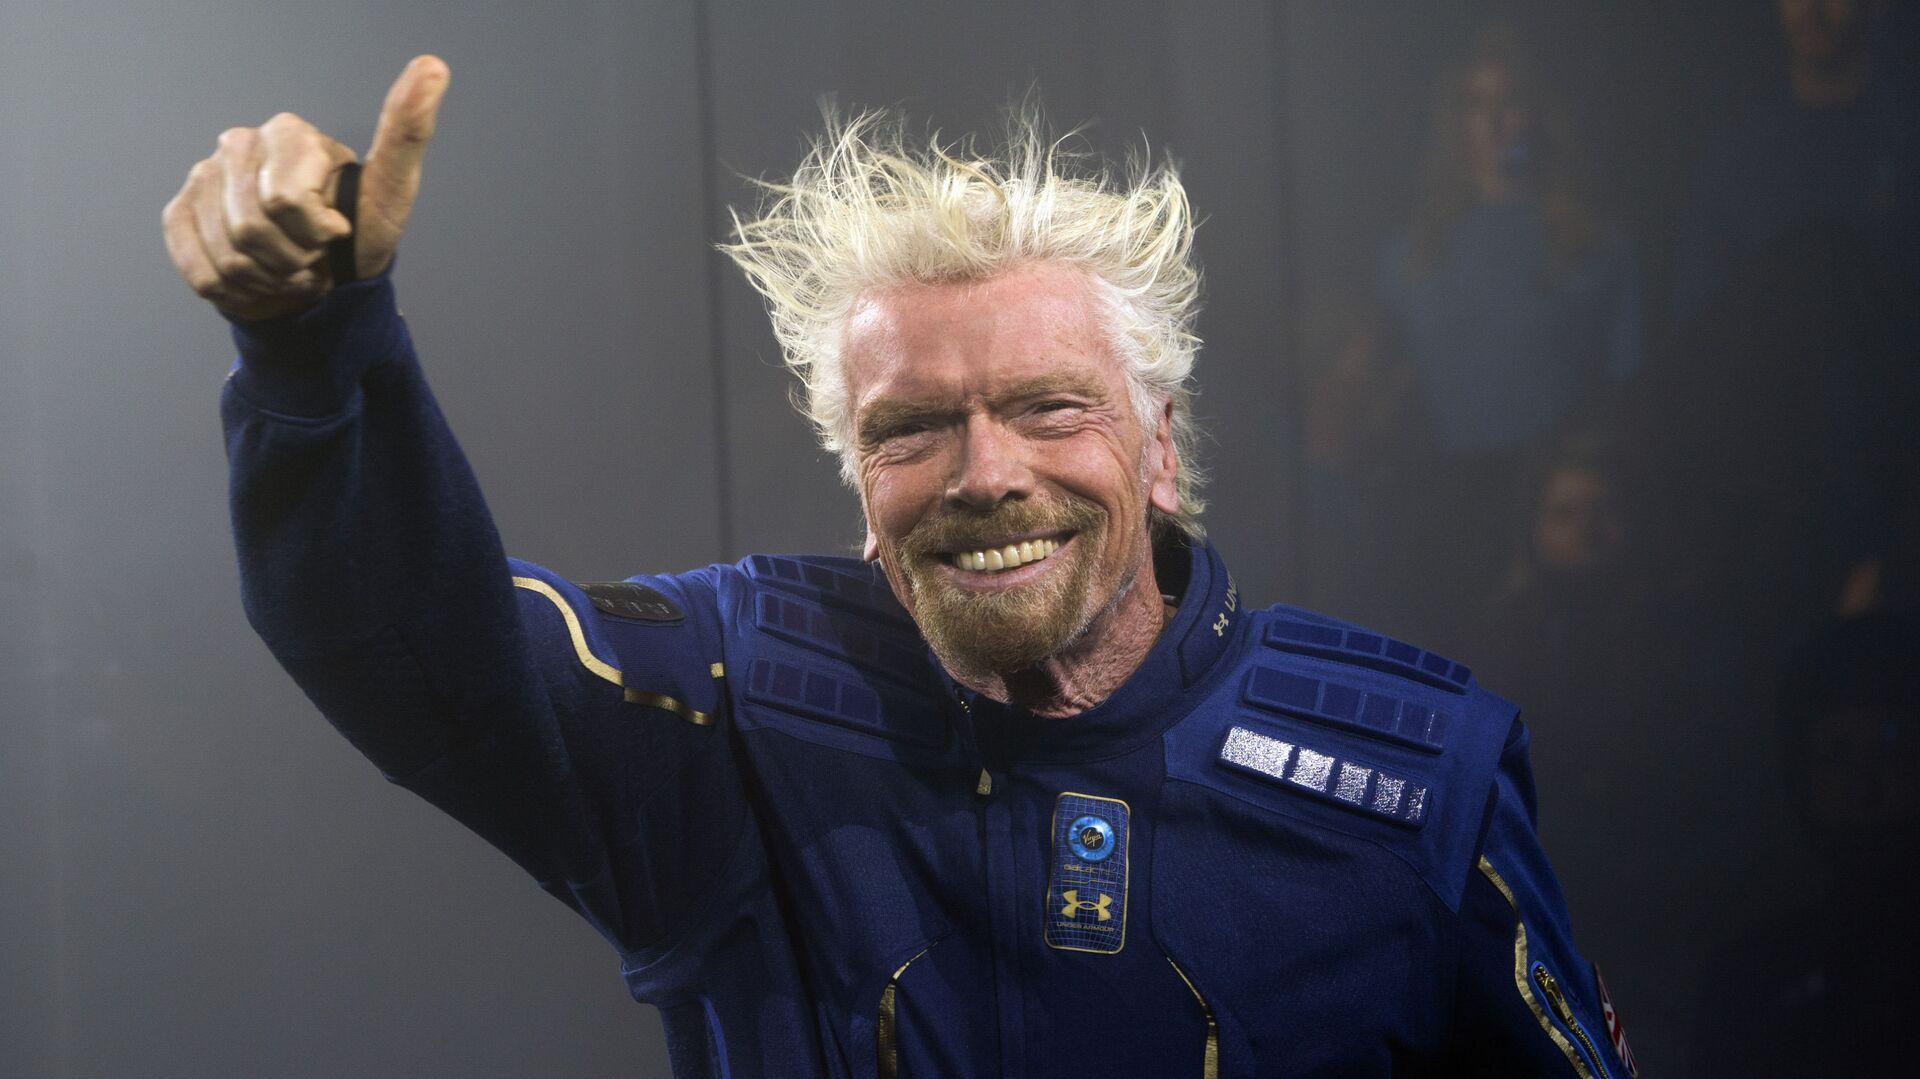 Zakladatel společnosti Virgin Galactic Richard Branson se připravuje na svůj první vesmírný let - Sputnik Česká republika, 1920, 11.07.2021